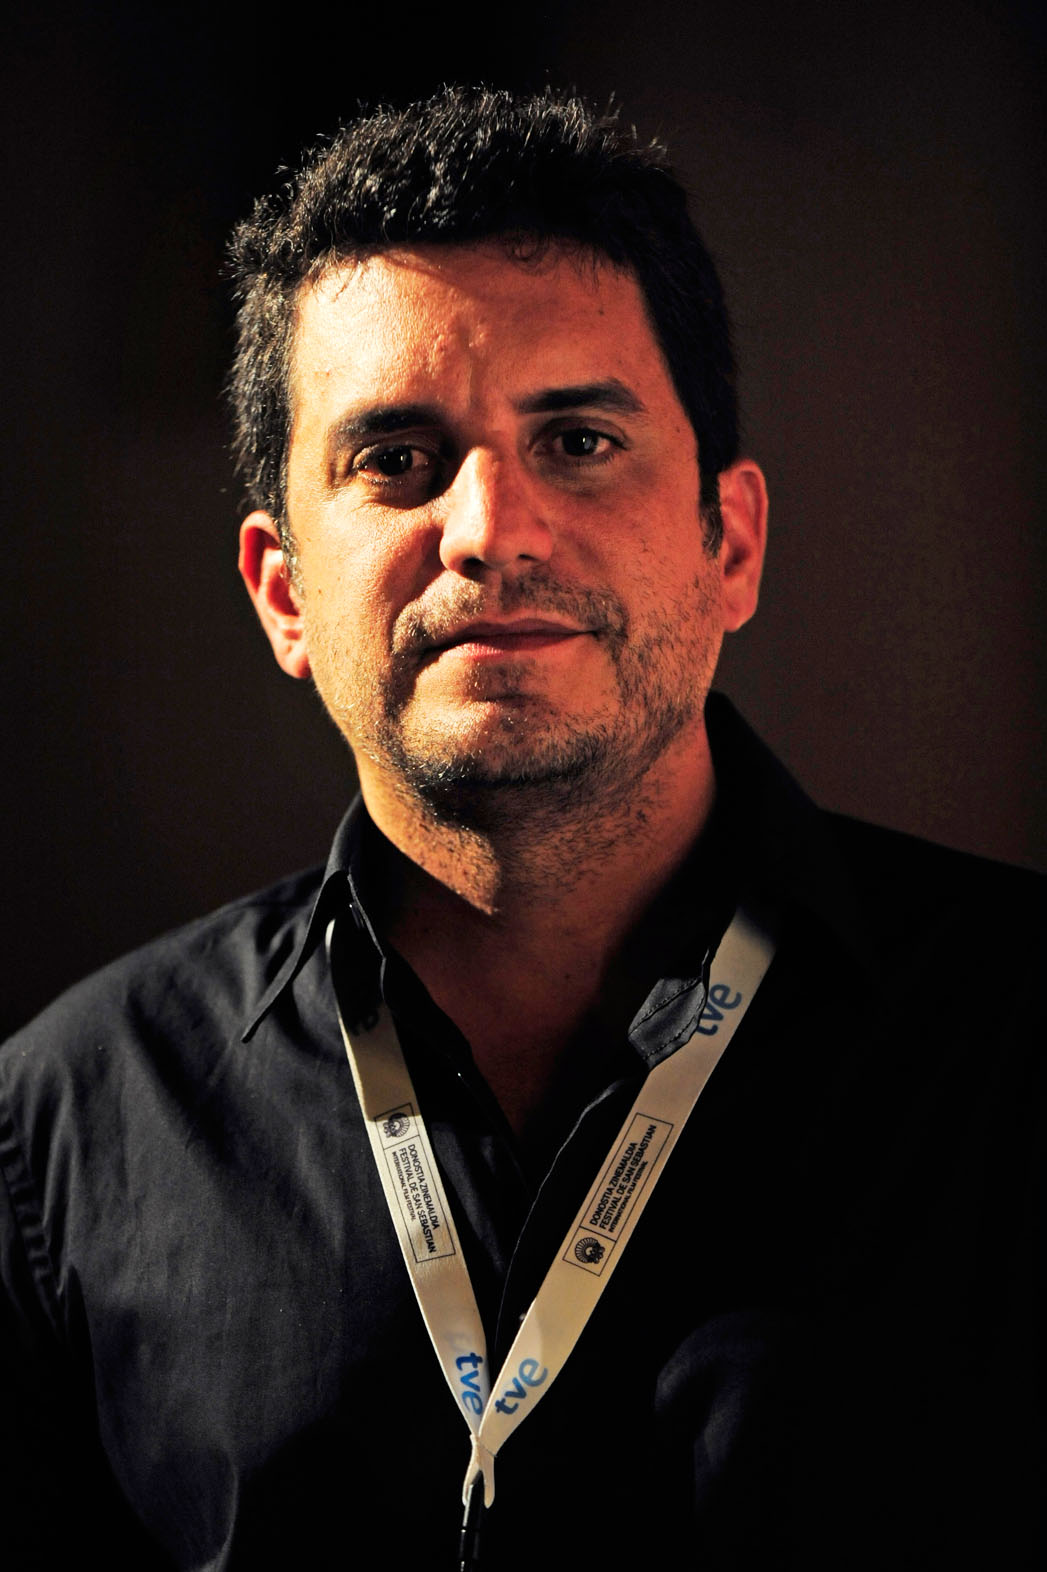 Pavel Giroud - P 2013